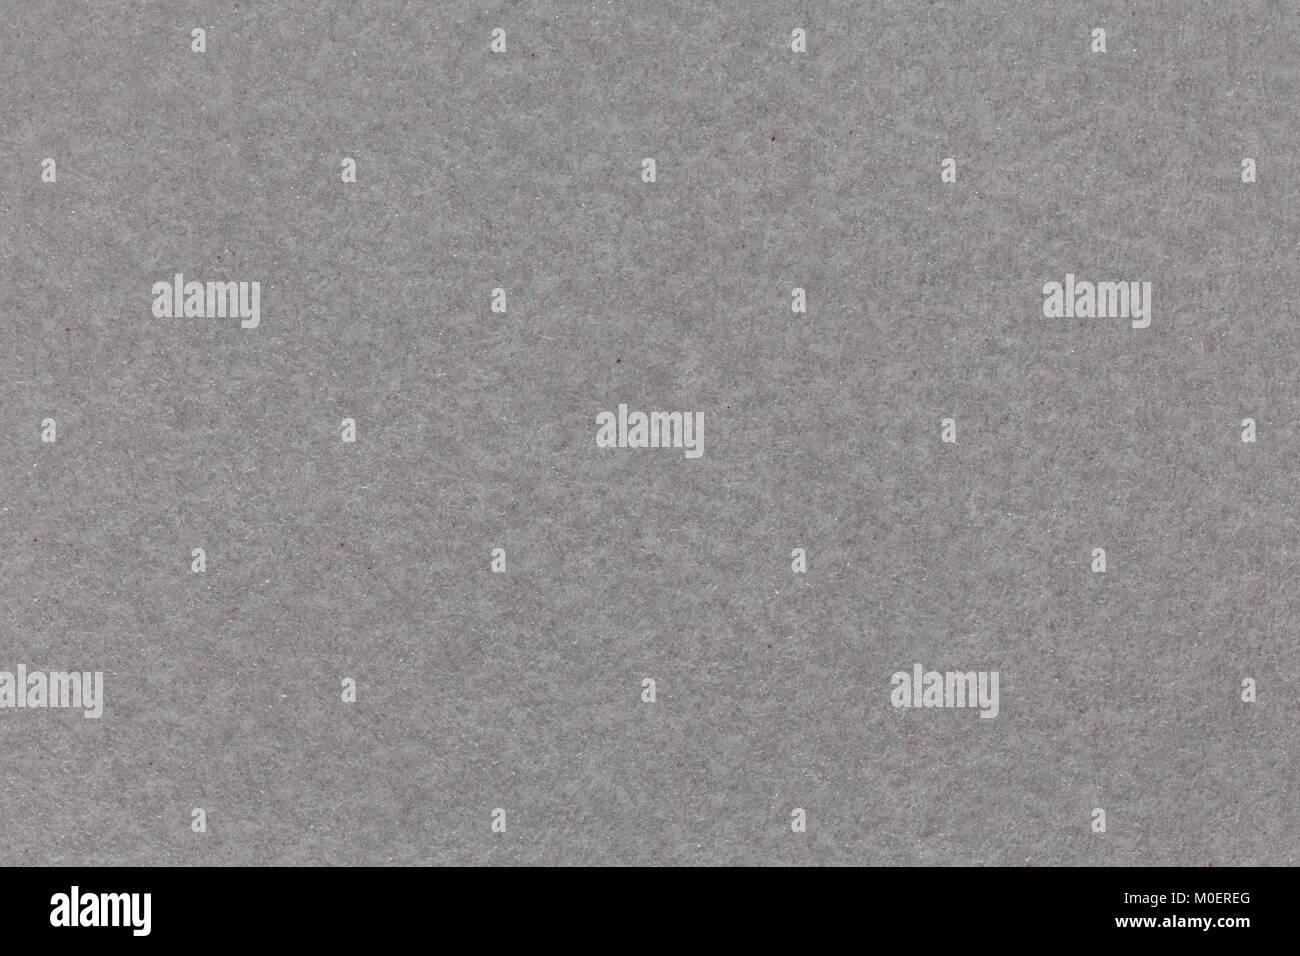 Papel gris, textura del papel y los fondos. Imagen De Stock